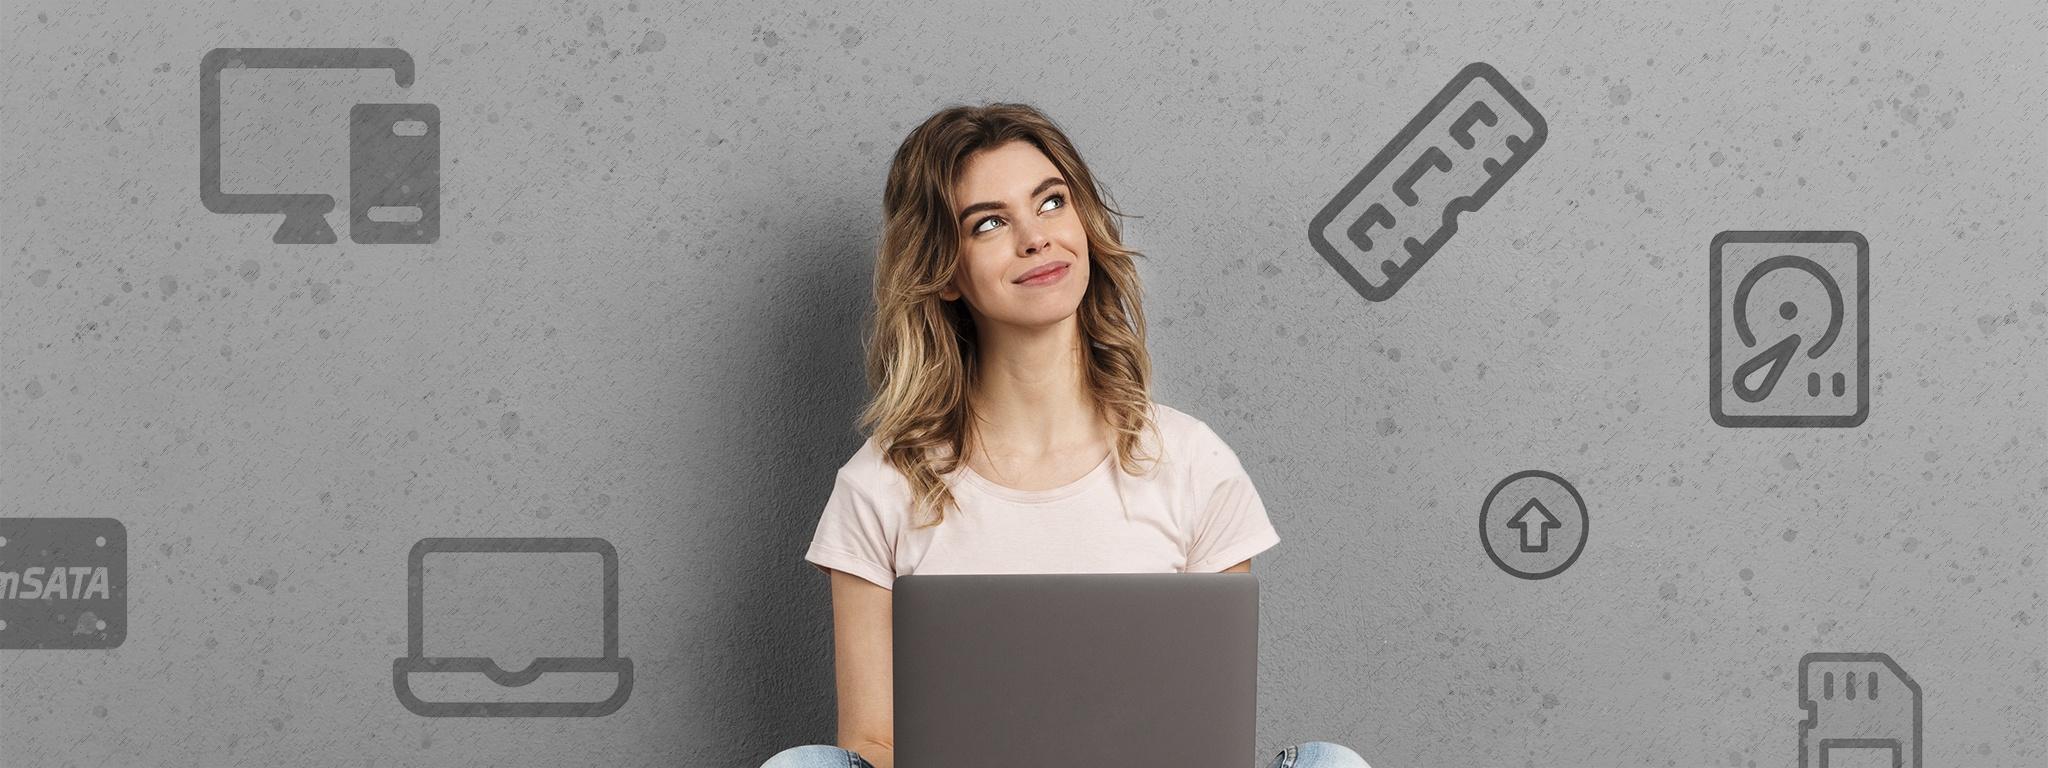 một người phụ nữ ngồi trên sàn nhà đang dùng máy tính xách tay và nhìn các biểu tượng phần cứng máy tính khác nhau được minh họa trên tường